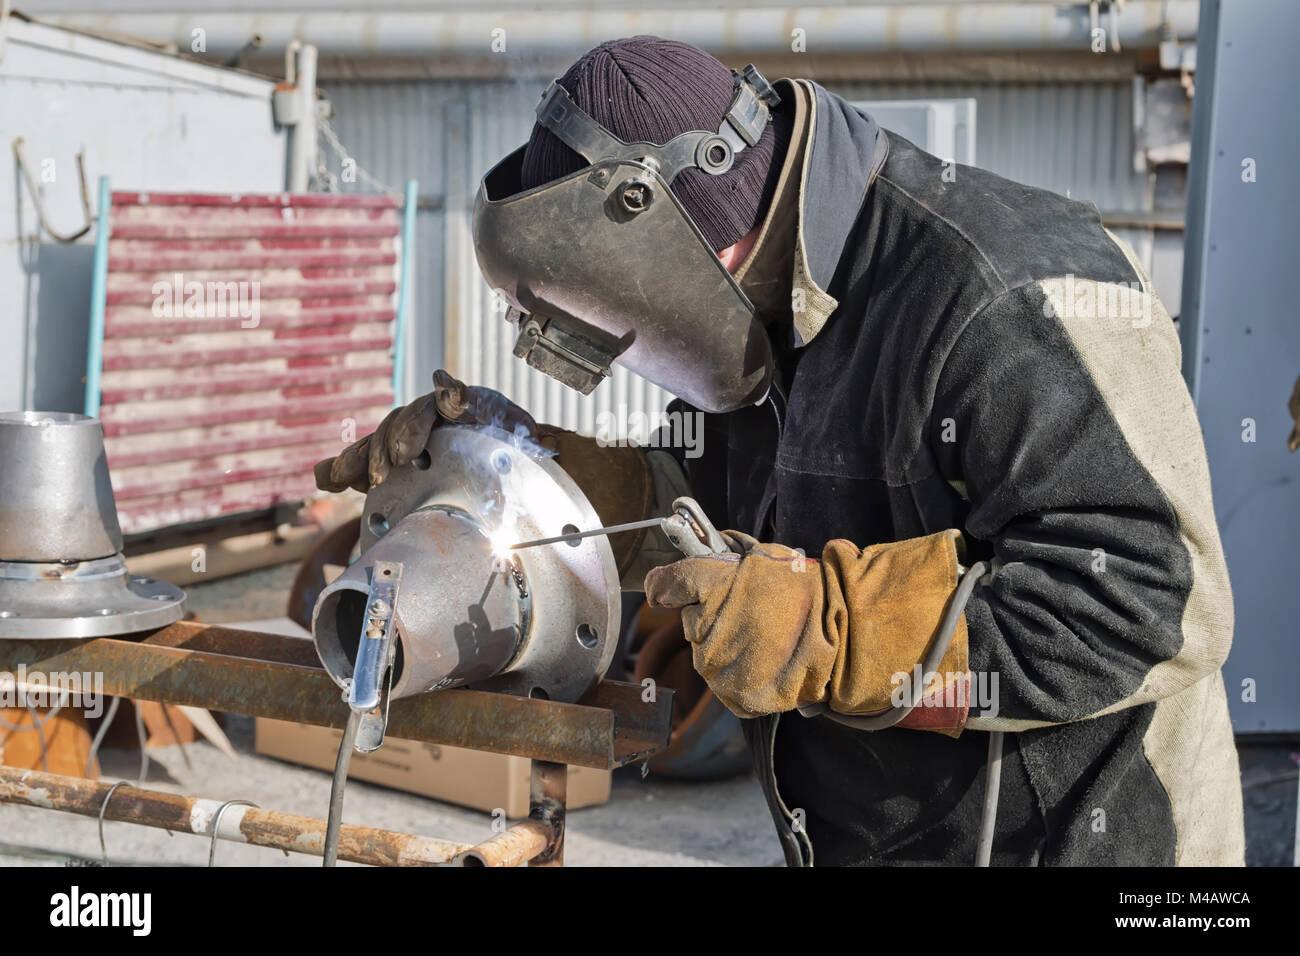 Lavori di saldatura per la produzione di unità e parti di condutture Immagini Stock